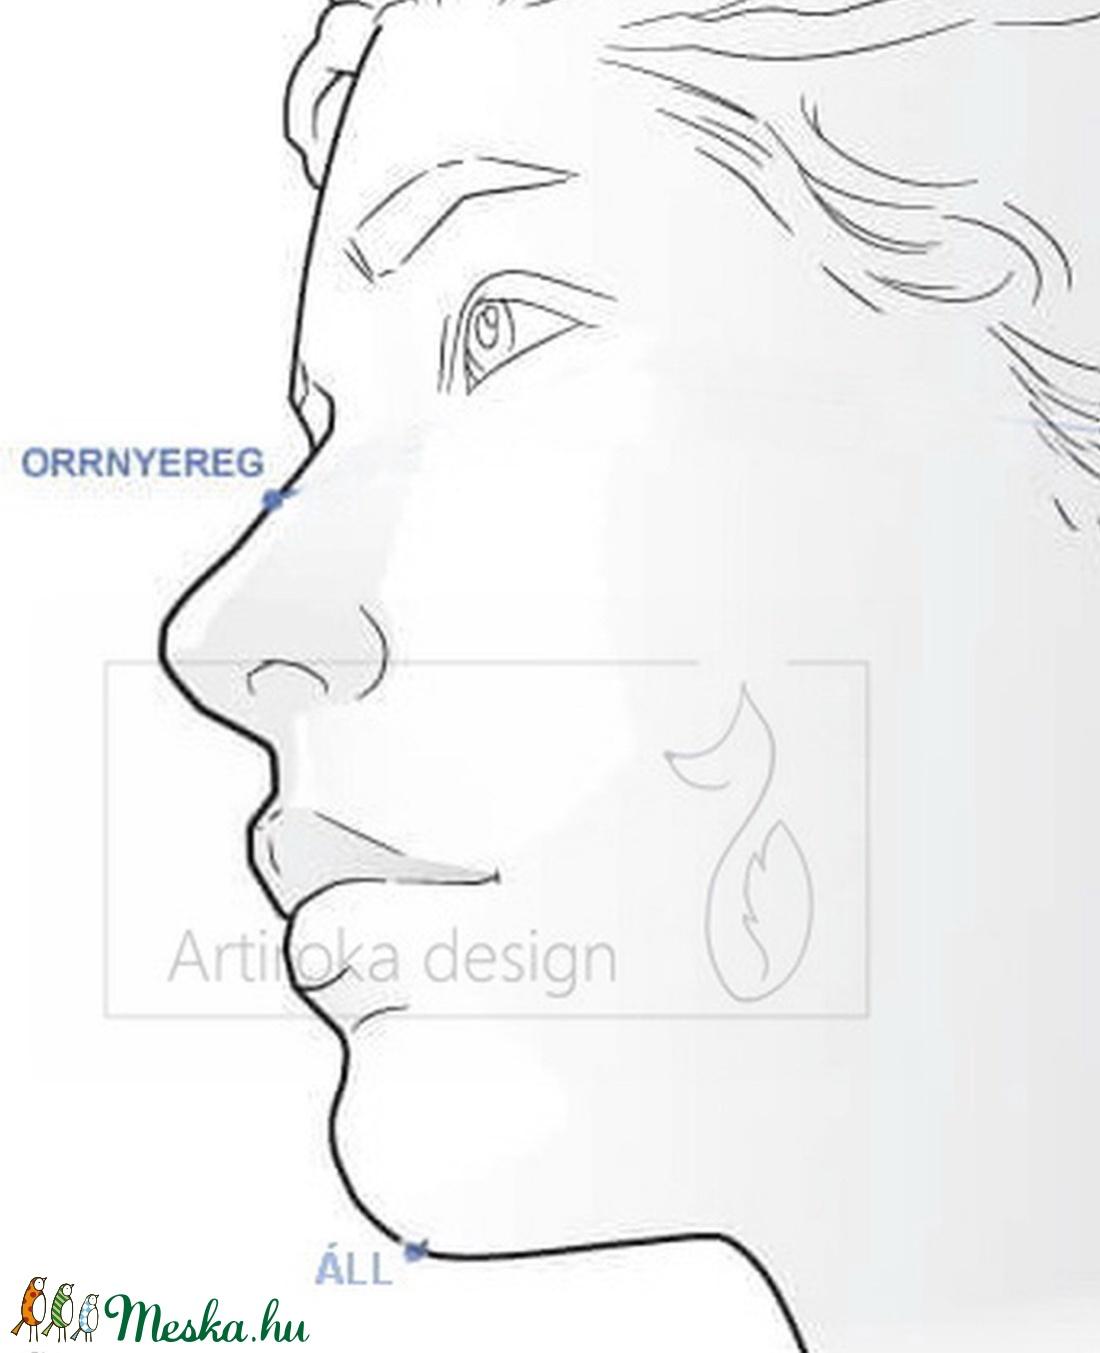 Nyuszi mama és gyermeke mintás prémium arcmaszk, szájmaszk, gyerekmaszk - Beatrix Potter - Artiroka design - maszk, arcmaszk - gyerek - Meska.hu